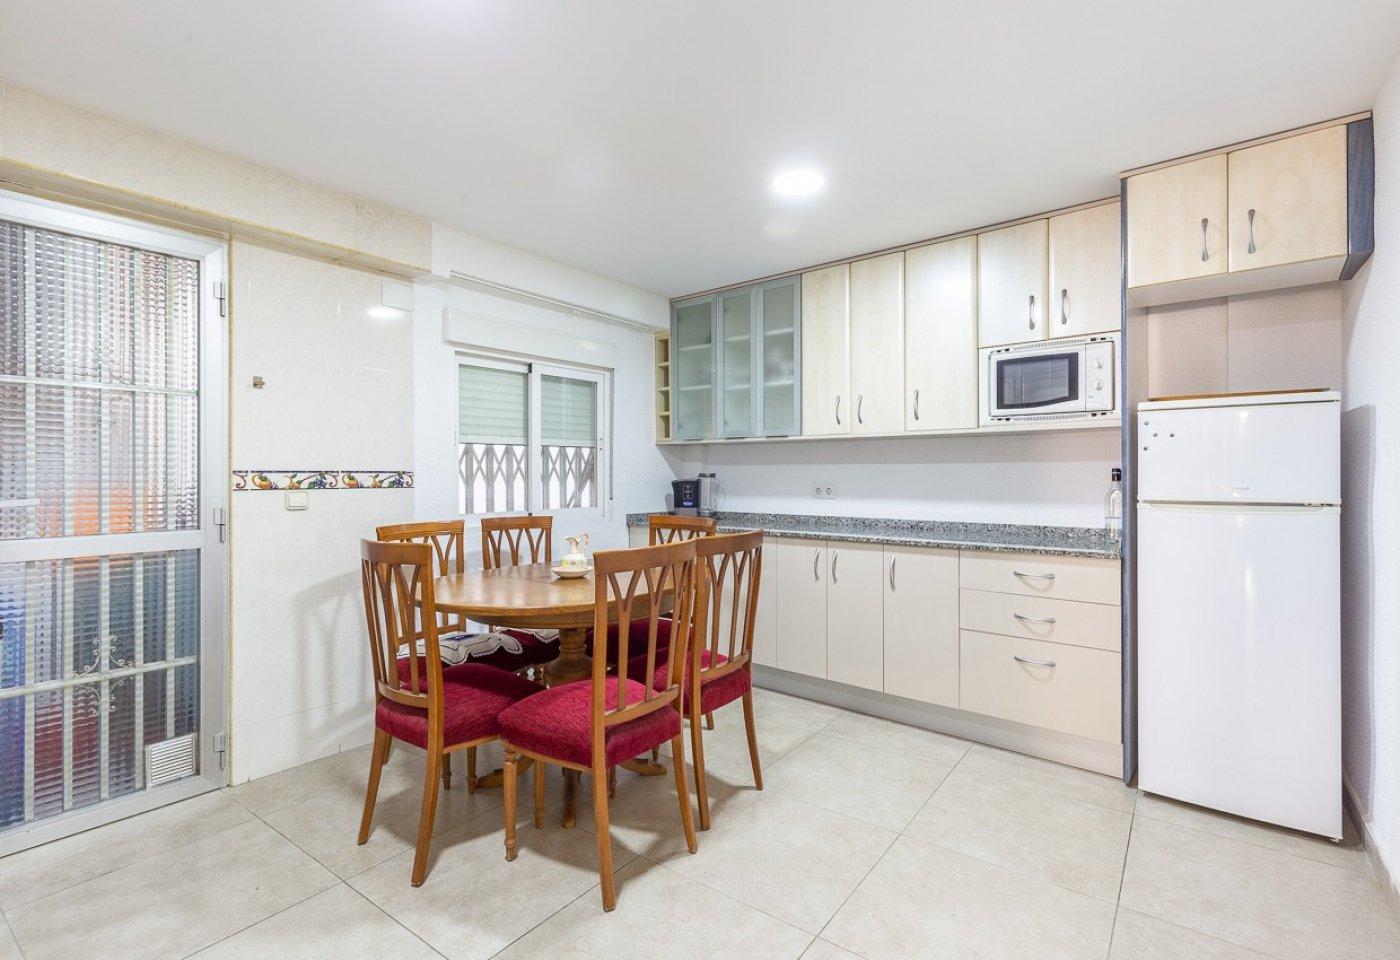 Piso de 2 dormitorios (3 de origen), en pleno centro de Benidorm. A 500 metros de la playa. 23